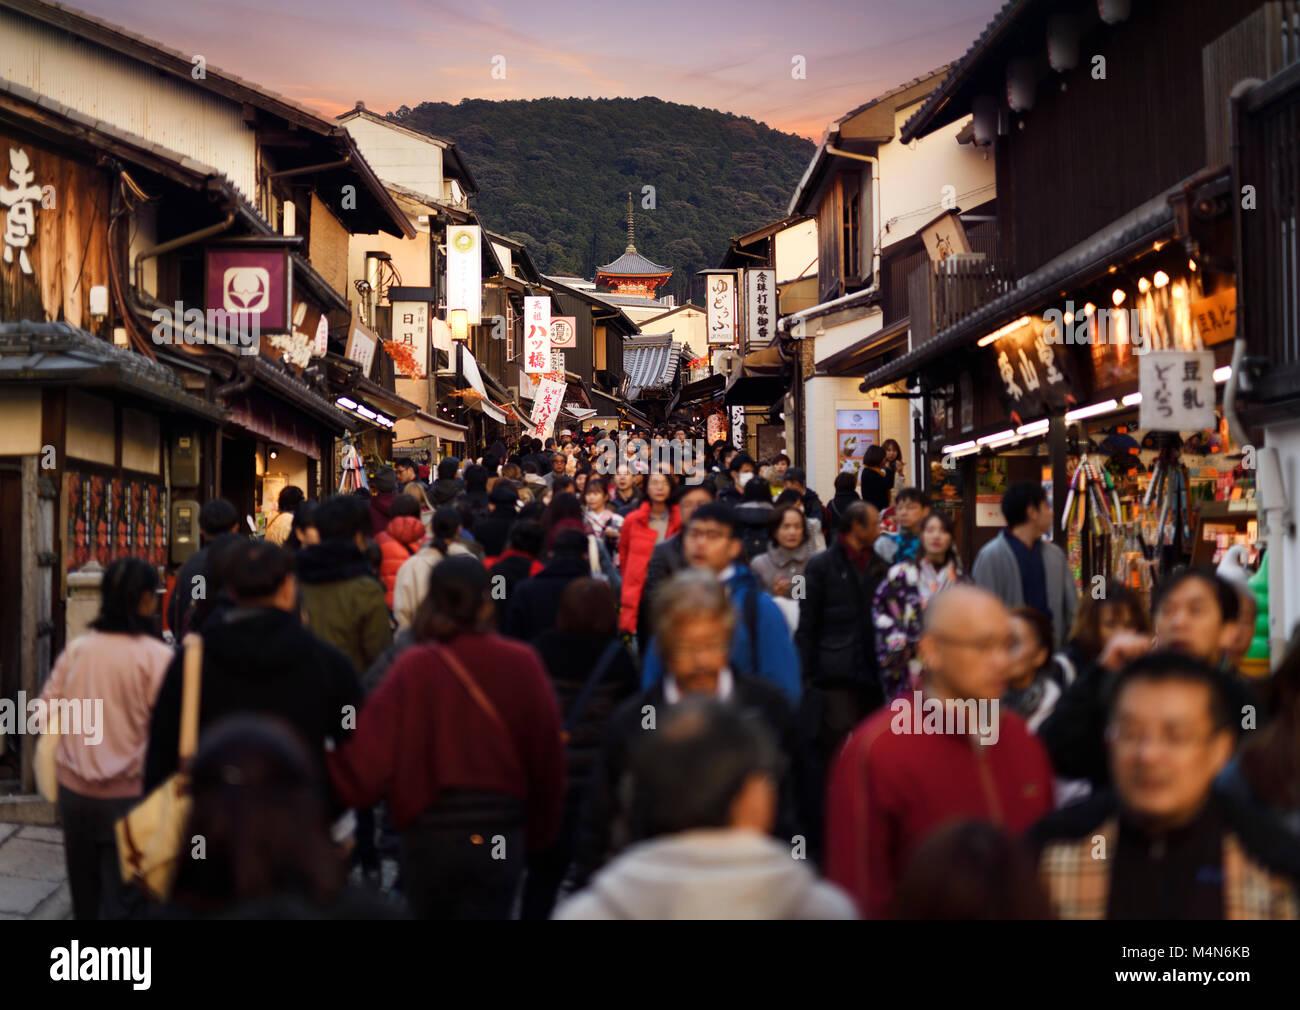 Matsubara Dori Straße bei Sonnenuntergang im Herbst voll mit Touristen in der Nähe der Kiyomizu-dera Tempel. Stockbild